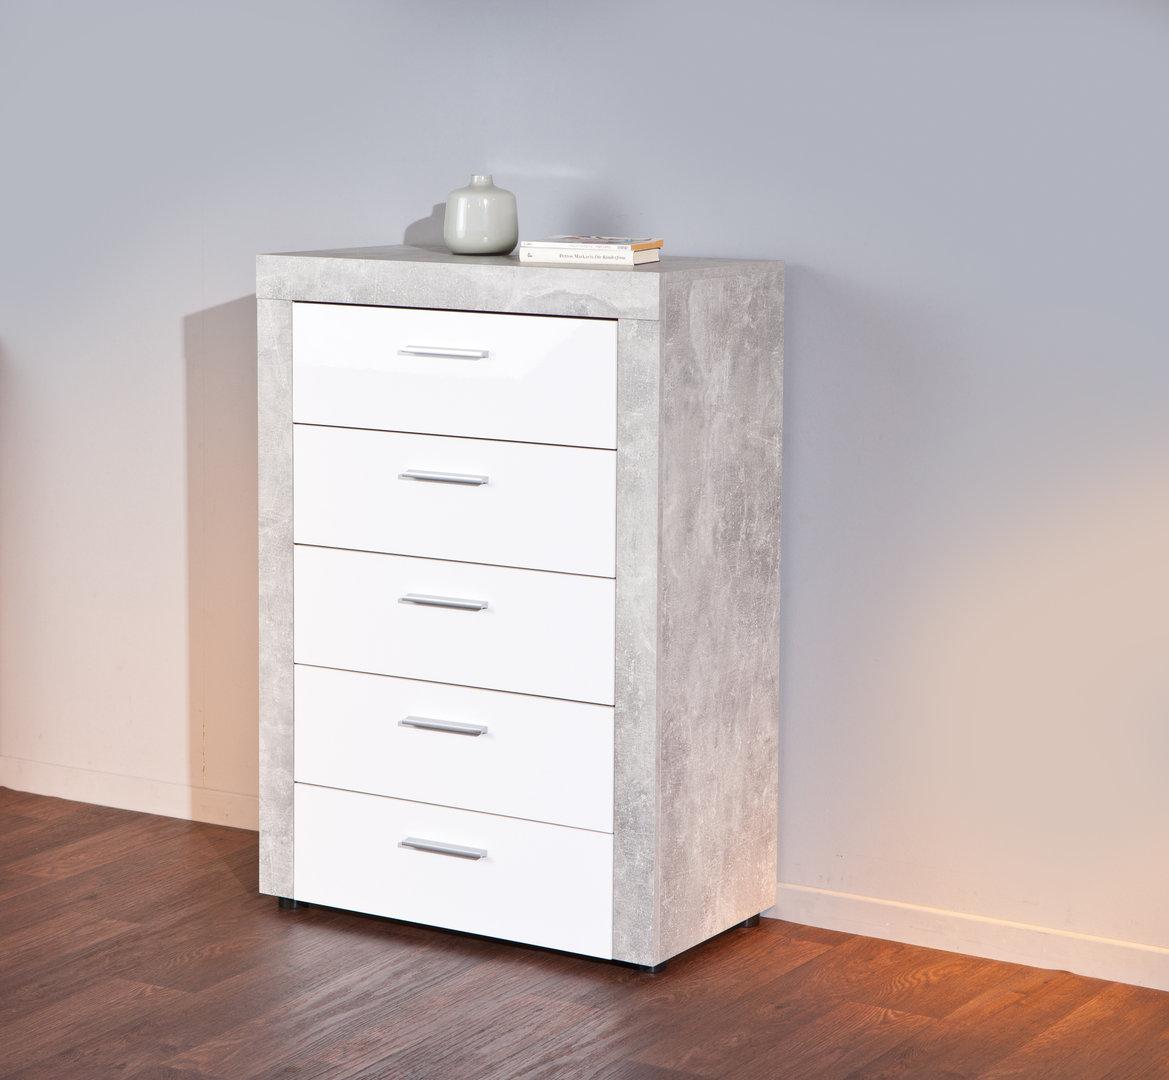 cassettiera moderna andrea c mobile ufficio soggiorno